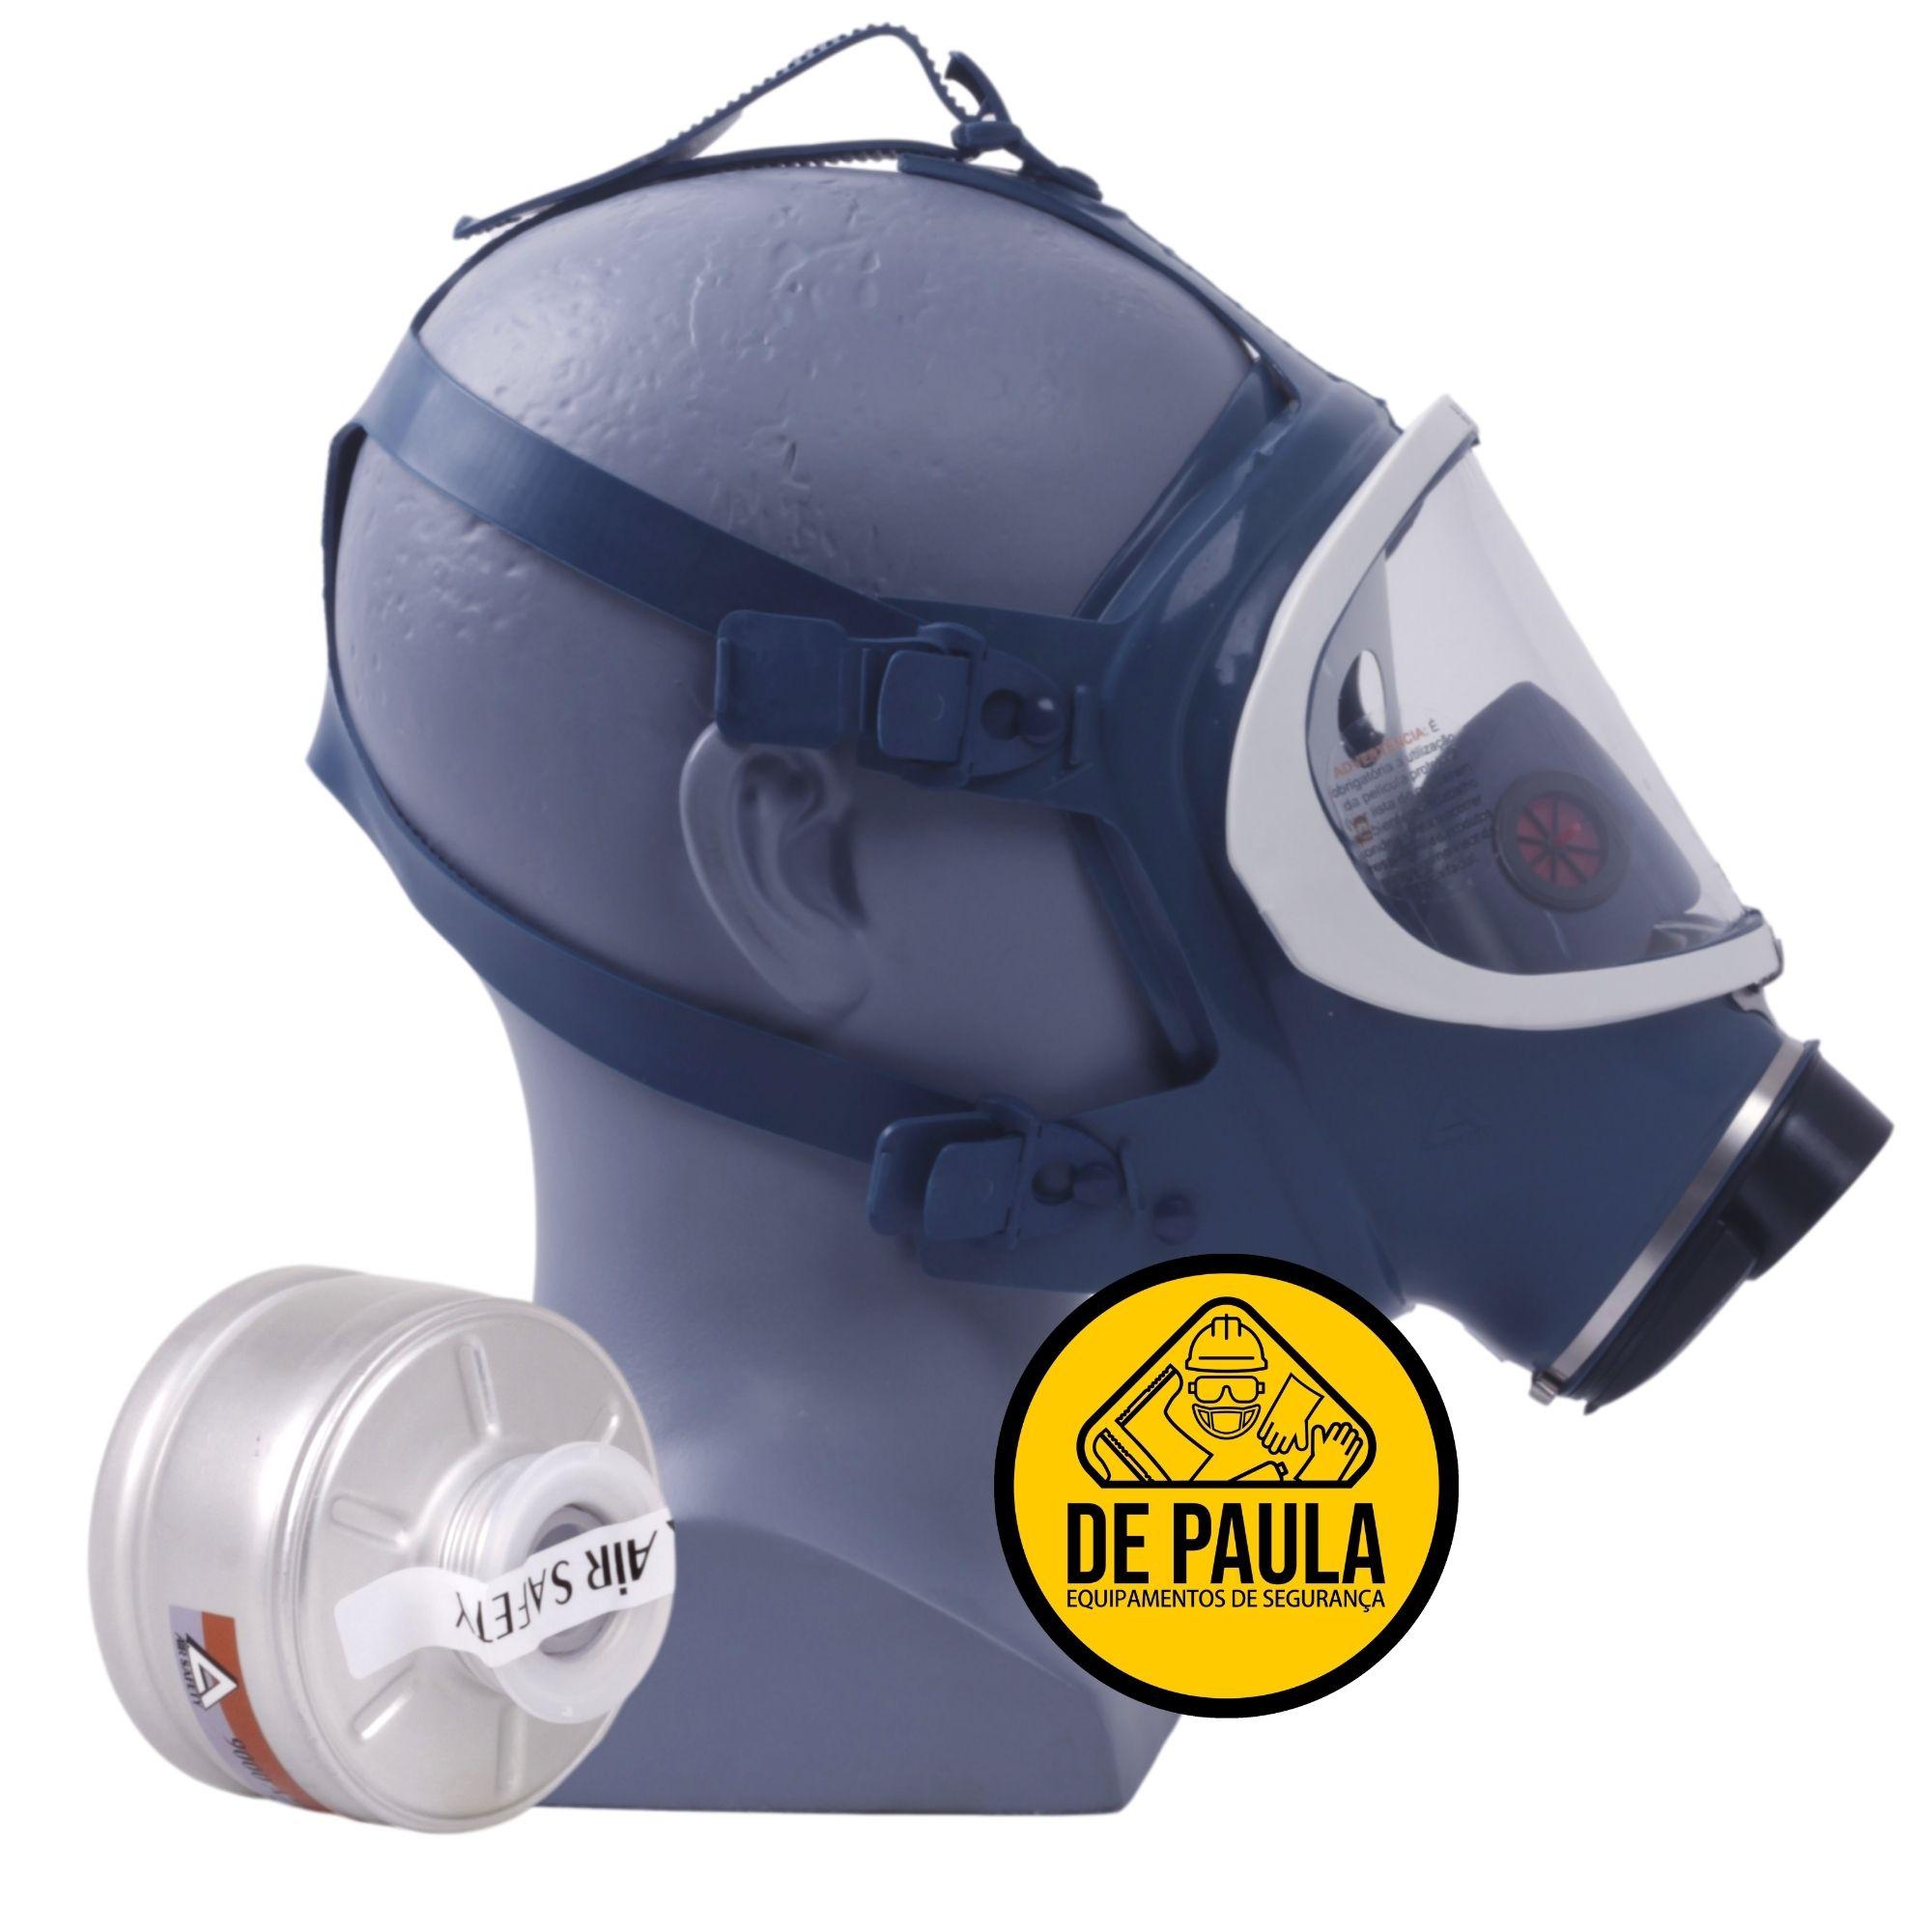 KIT MÁSCARA PANORAMICA FULL FACE - AIR SAFETY COM FILTRO VO/GA   - CA Nº 5758